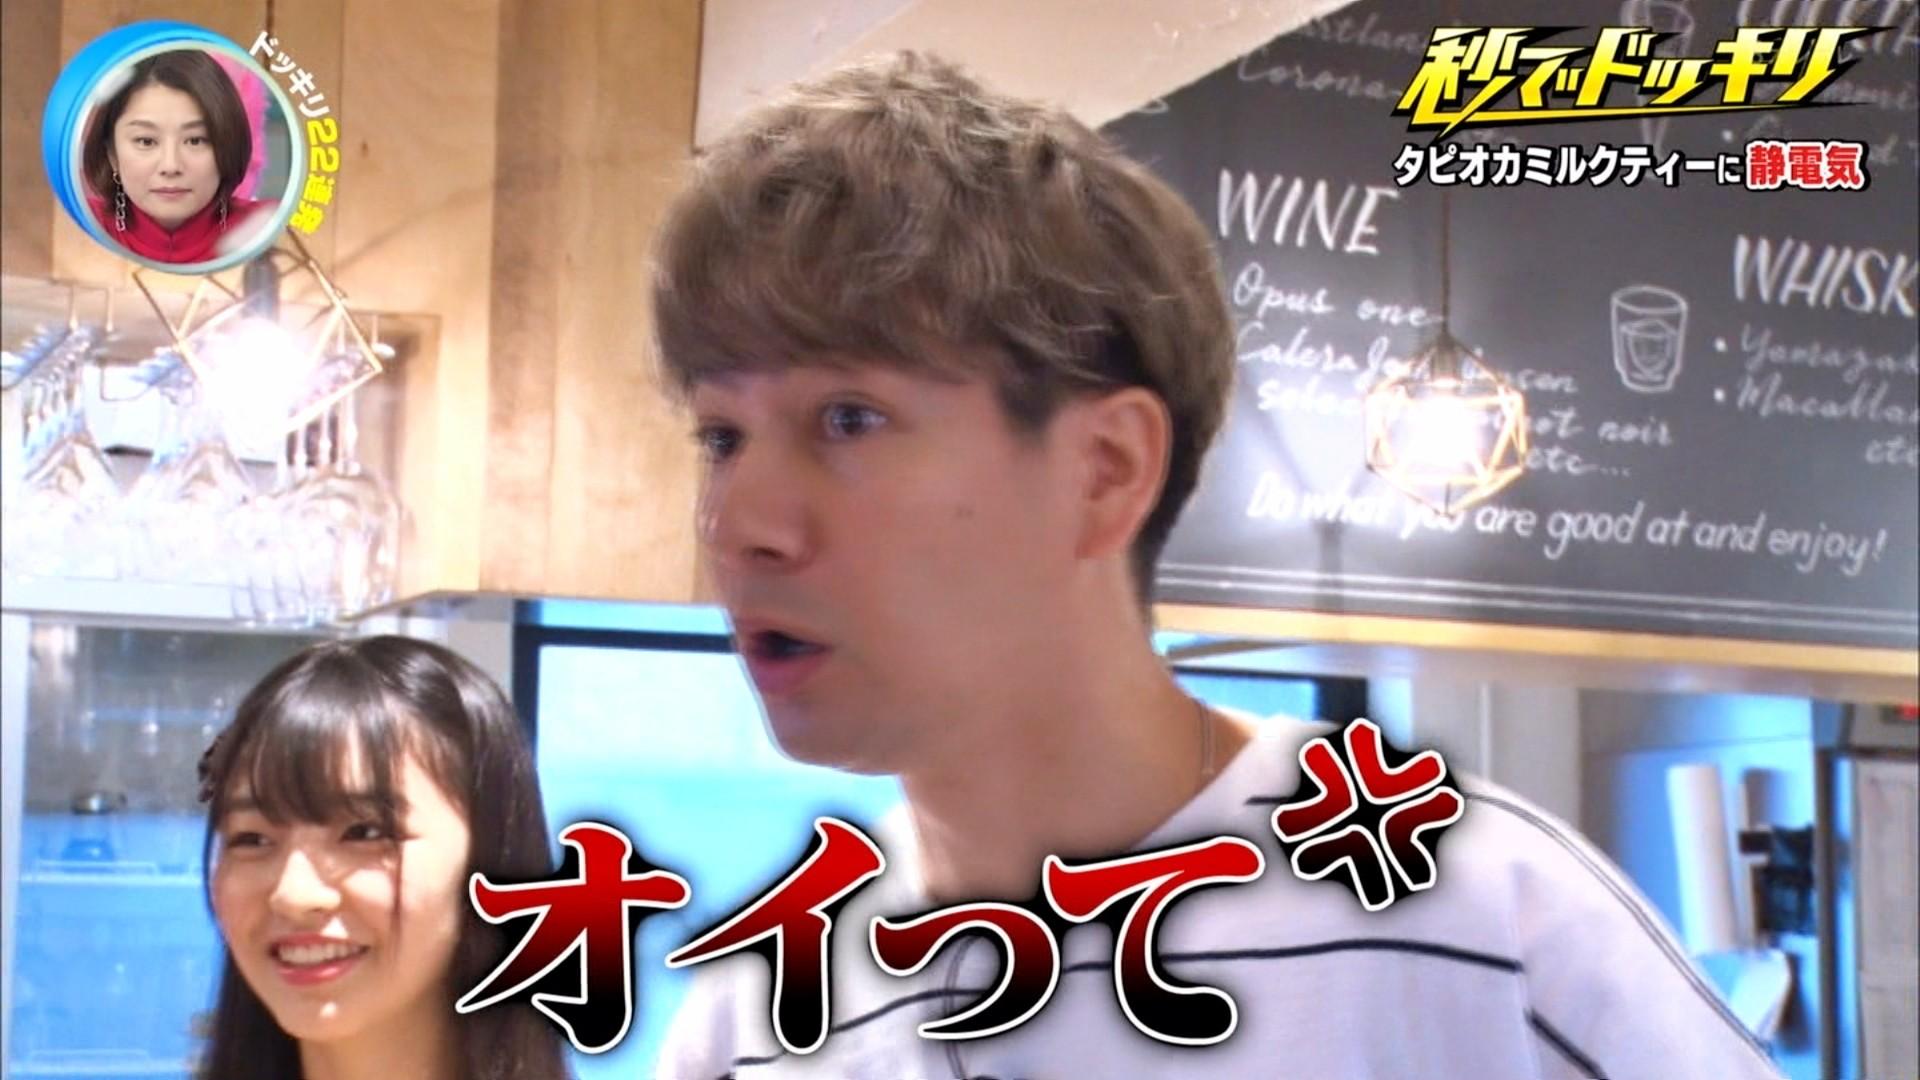 2019年11月30日にフジテレビ系列でほうそうされた「芸能人が本気で考えた!ドッキリGP」に出演したNMB48上西怜・大田莉央奈の画像-011